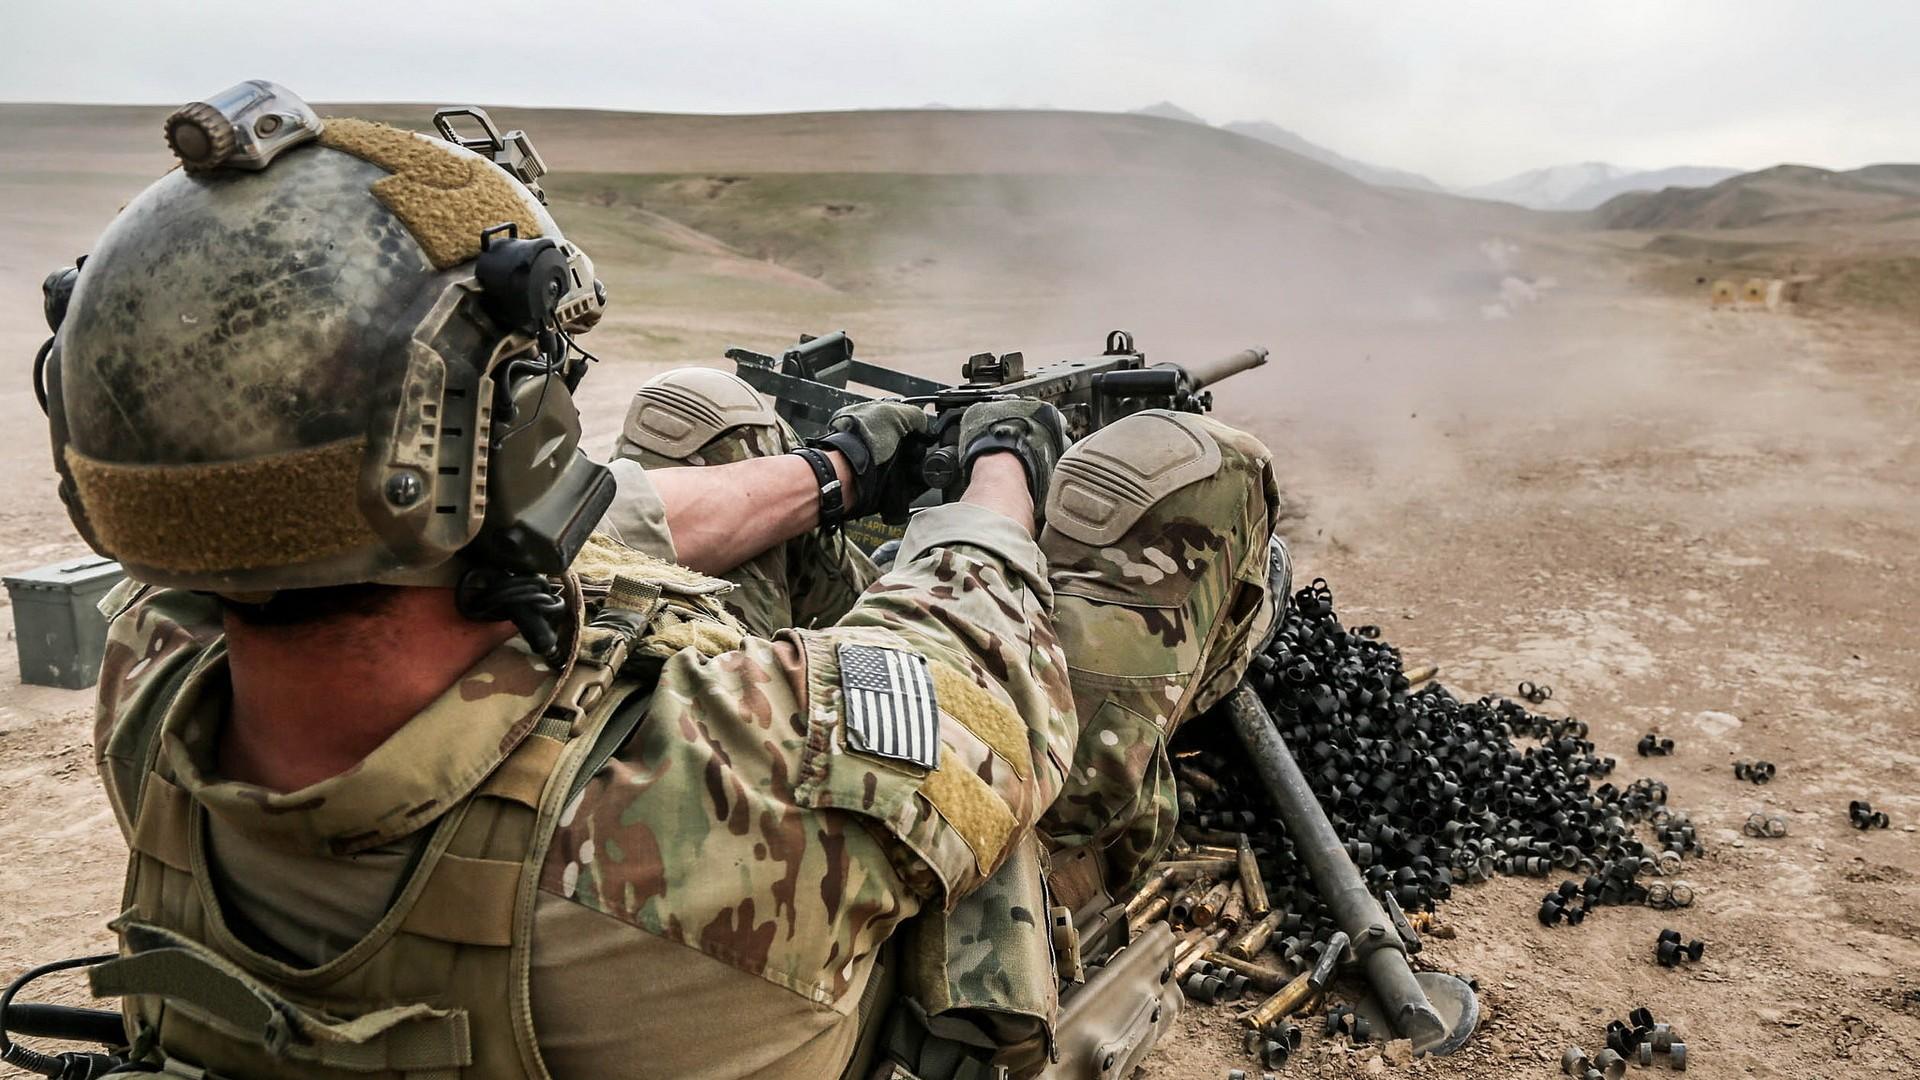 пулемет, патроны, солдат